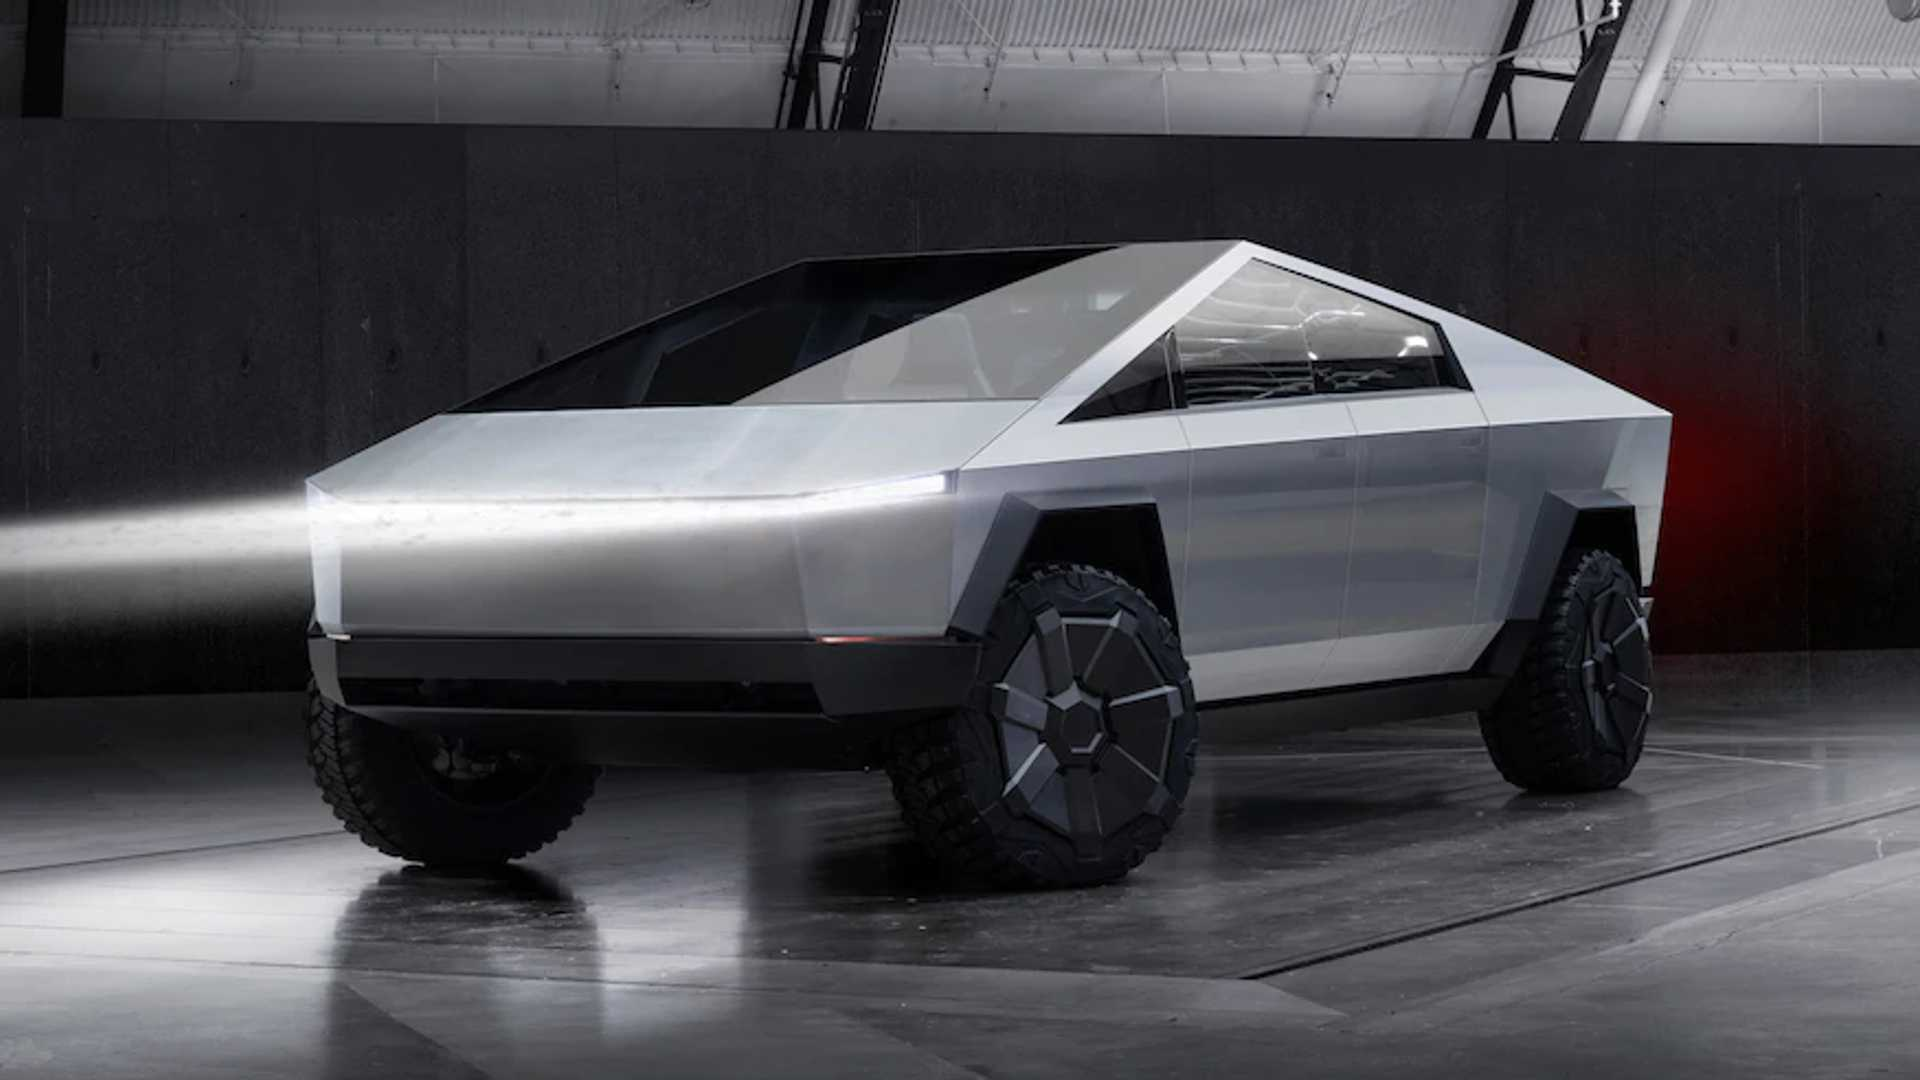 Фабрика Tesla Cybertruck в Техасе? В стране грузовиков может быть построен электрический пикап